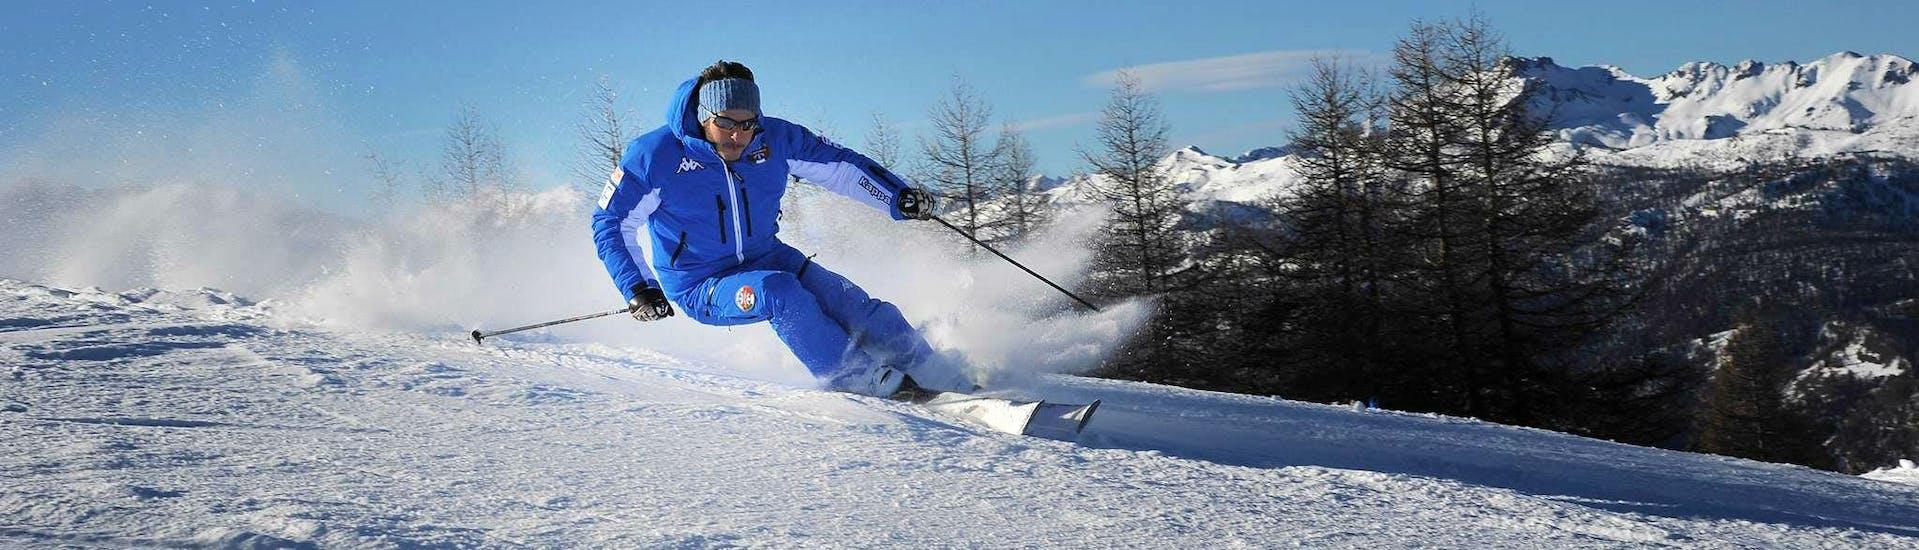 Un maestro della Scuola di Sci Olimpionica a Sestriere sta insegnando la giusta tecnica sciistica durante le Lezioni di sci per adulti - Festività - Con esperienza.